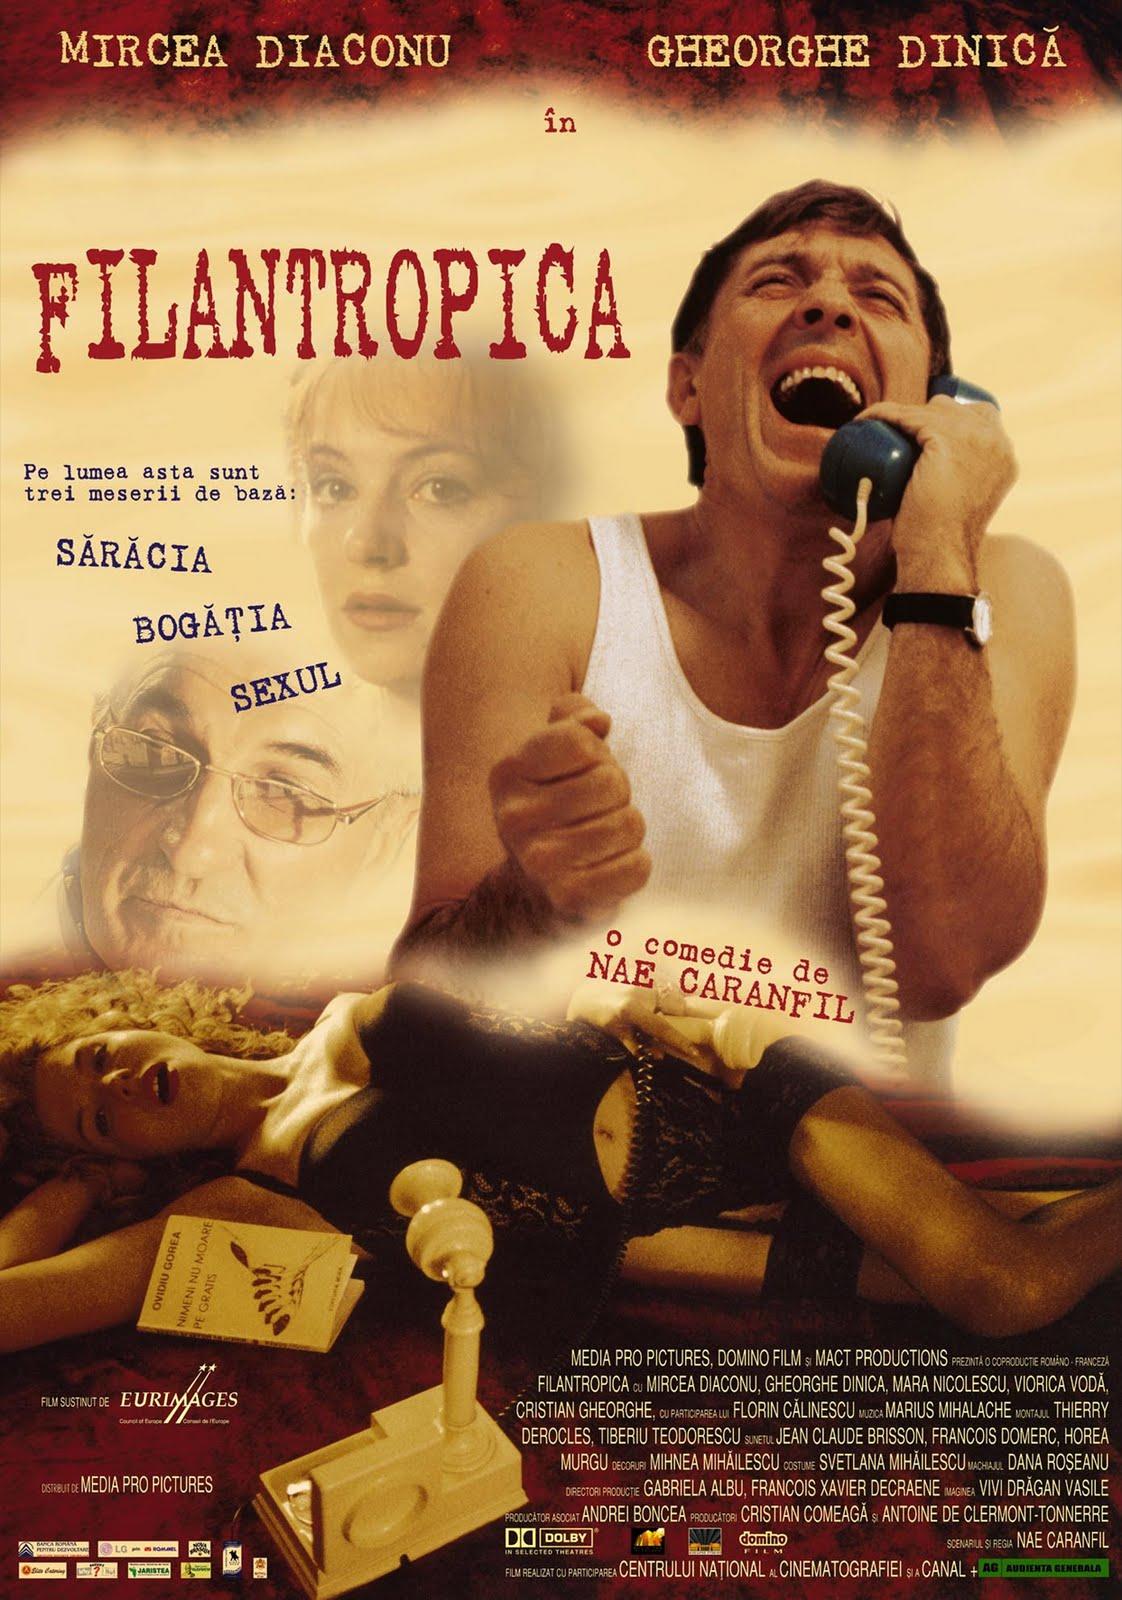 Filantropica (2002)Nae Caranfil